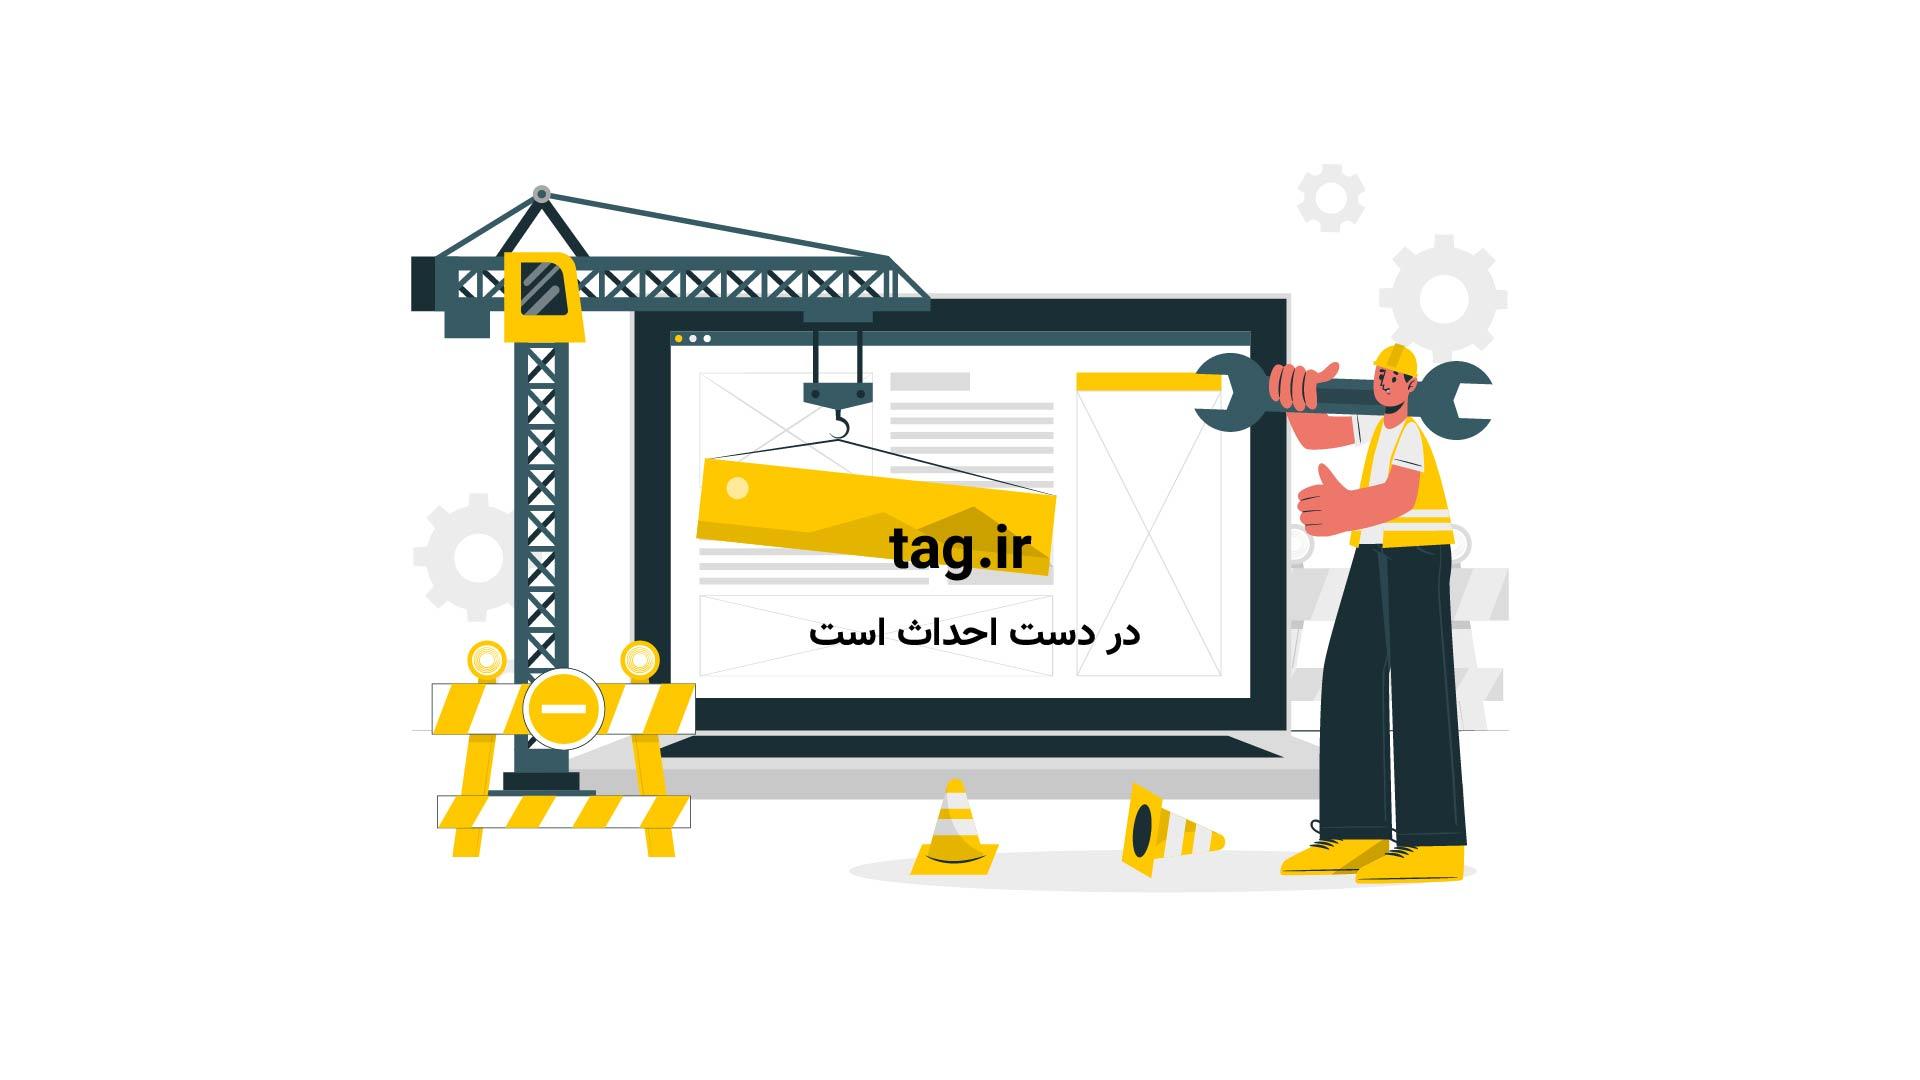 سیمسون ترامپ | تگ